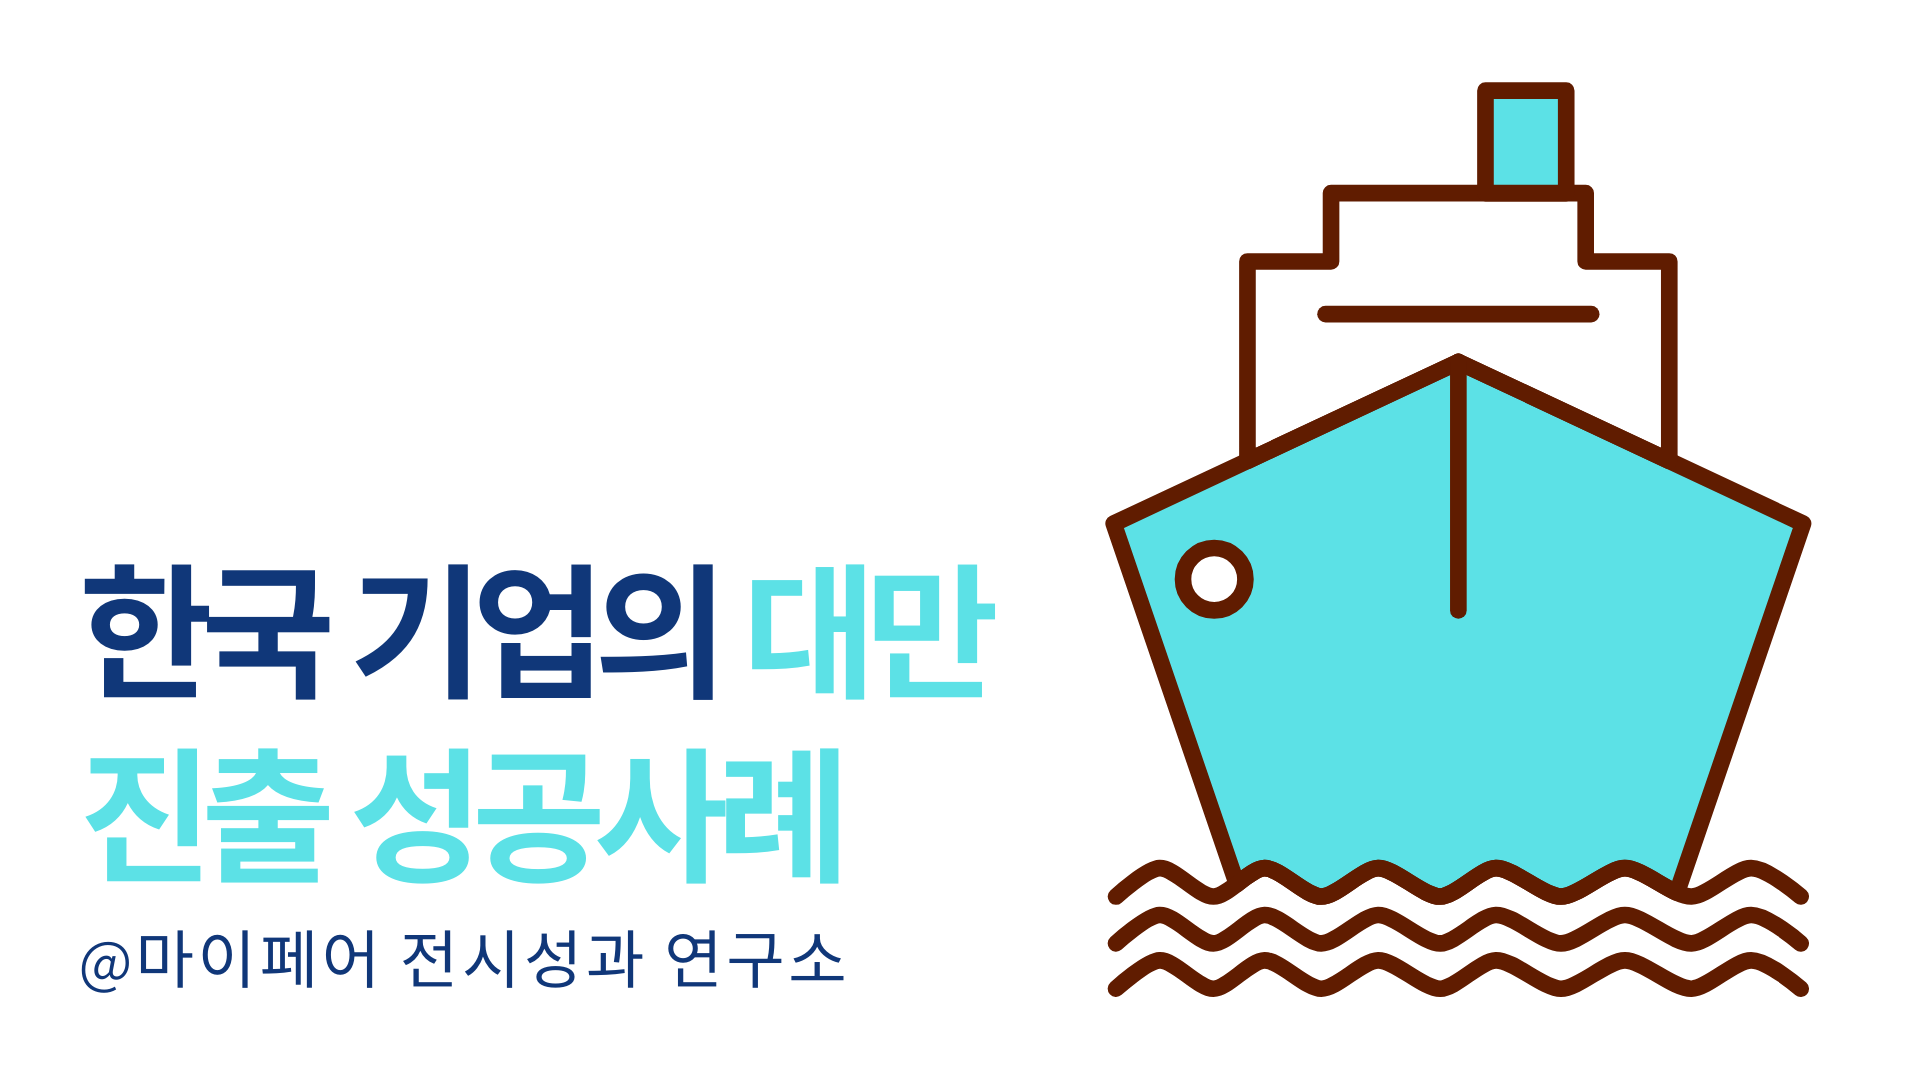 한국 기업의 대만 진출 성공사례 - 대만 IT 산업 feat. 컴퓨텍스(computex)